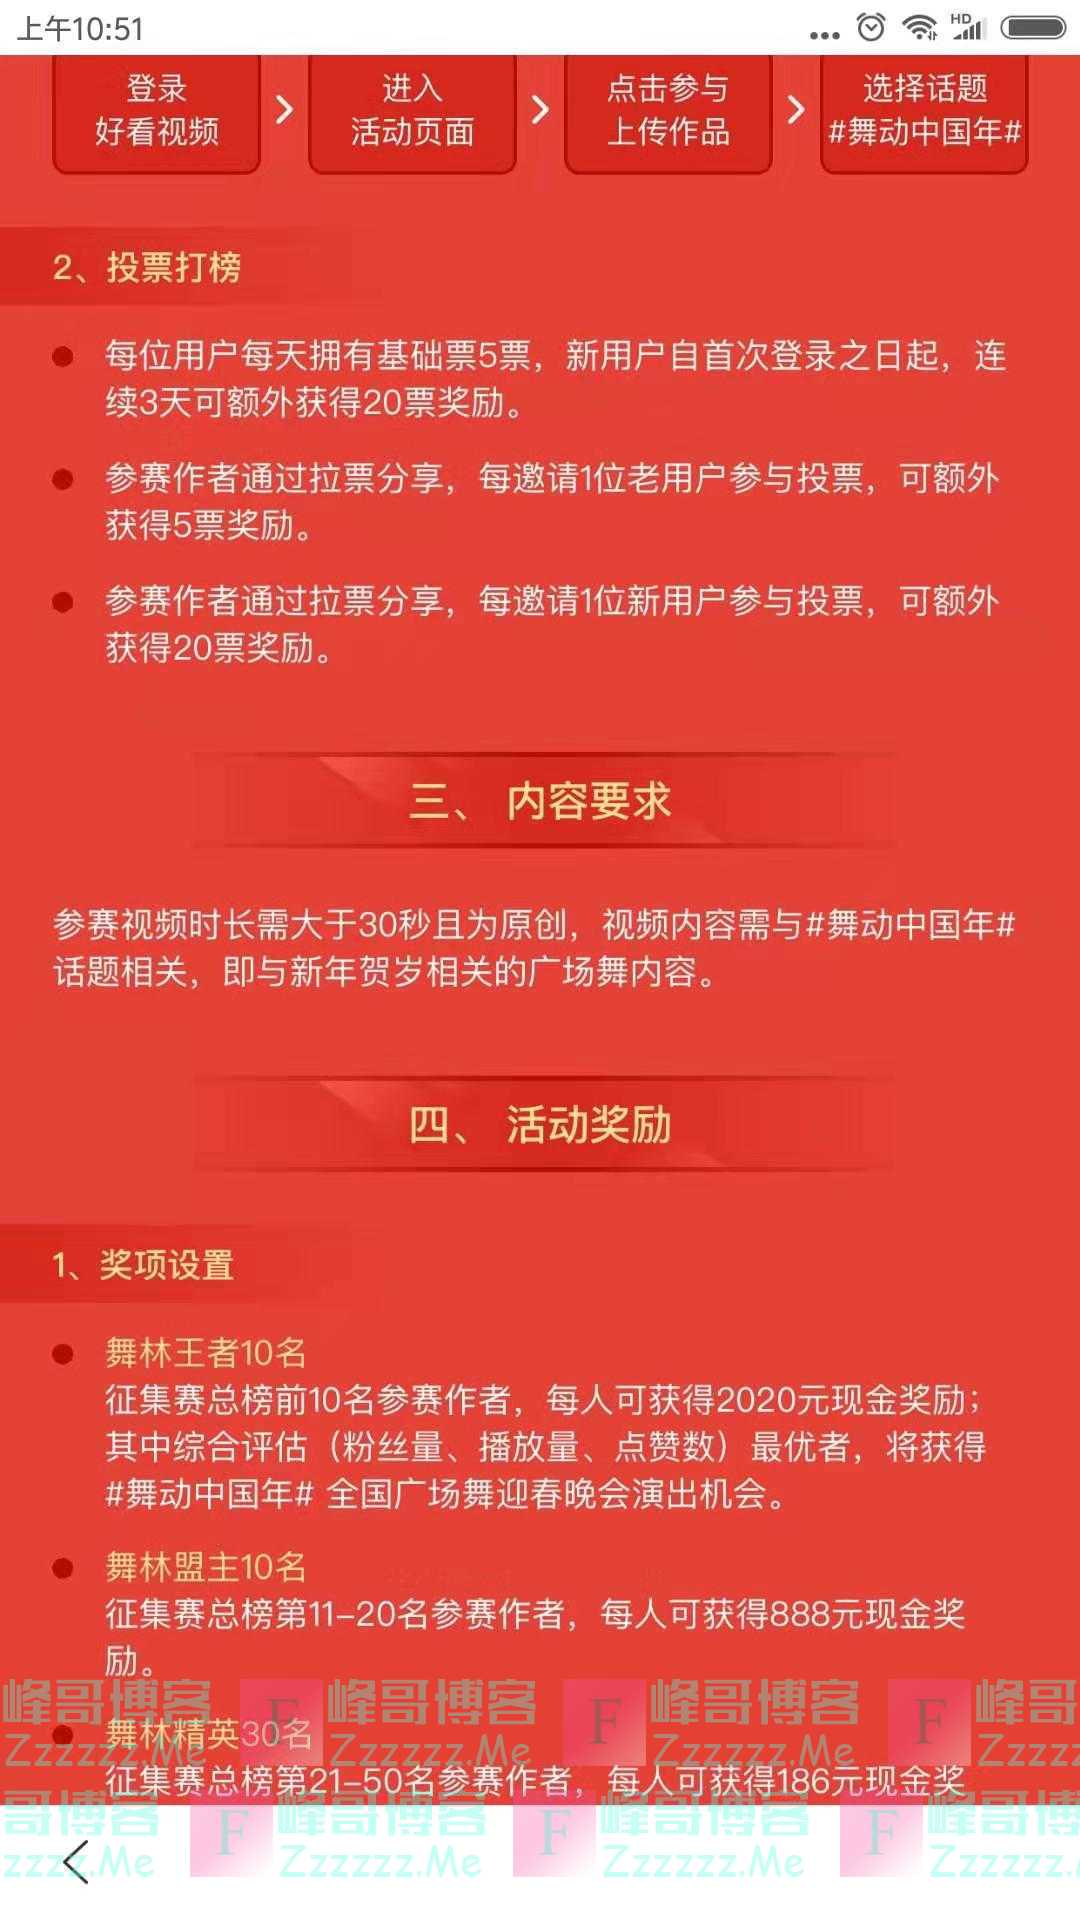 百度舞动中国年 万元大奖花落谁家(截止1月18日)